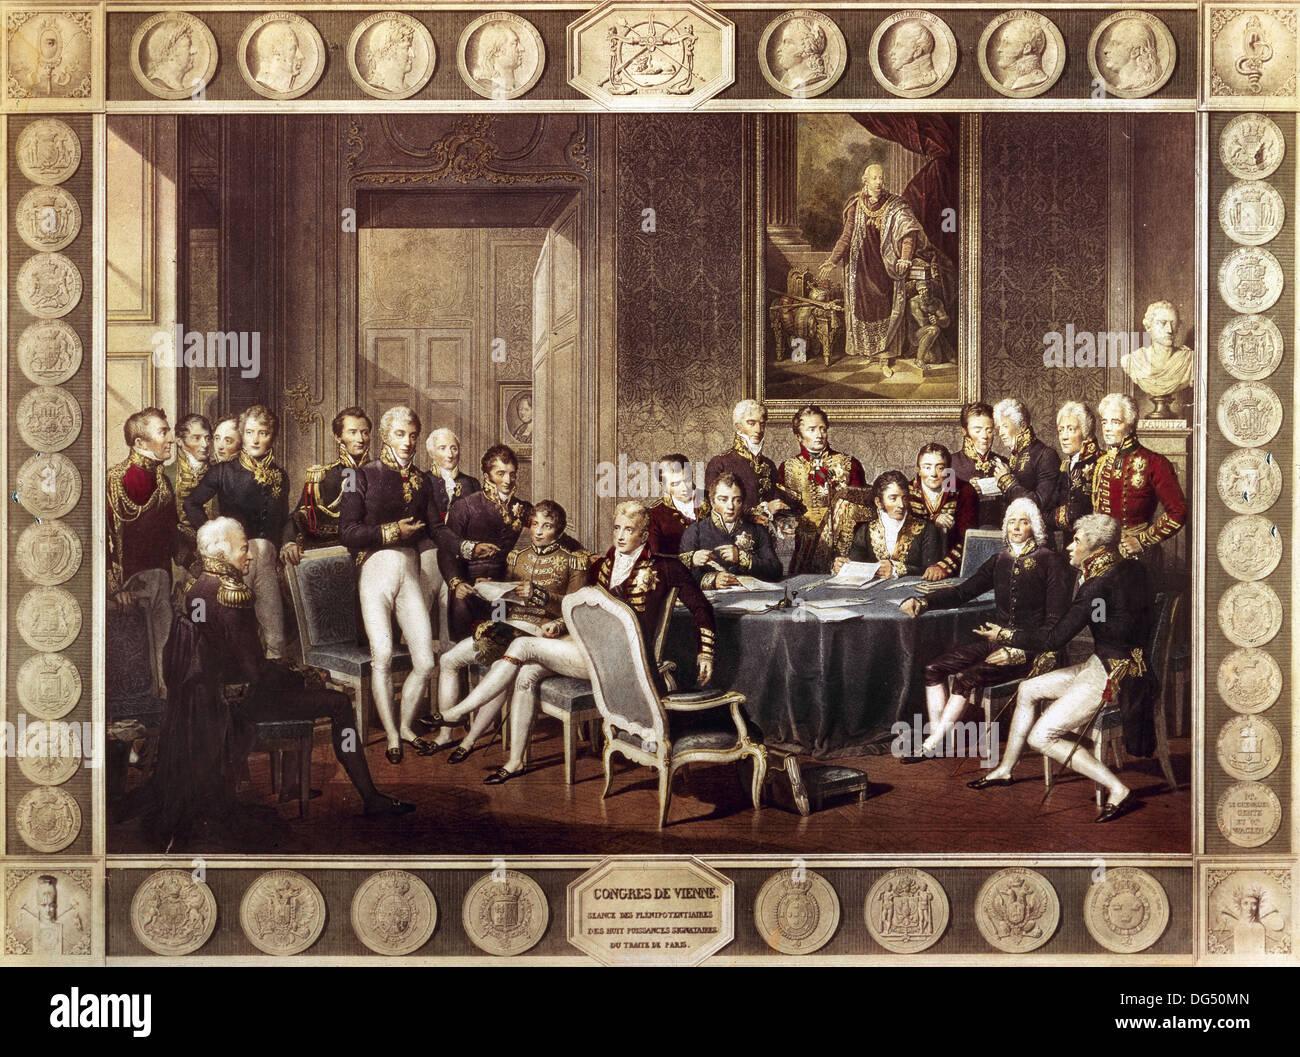 El Congreso de Viena, presidida por el estadista austriaco Metternich. Grabado en color. Foto de stock